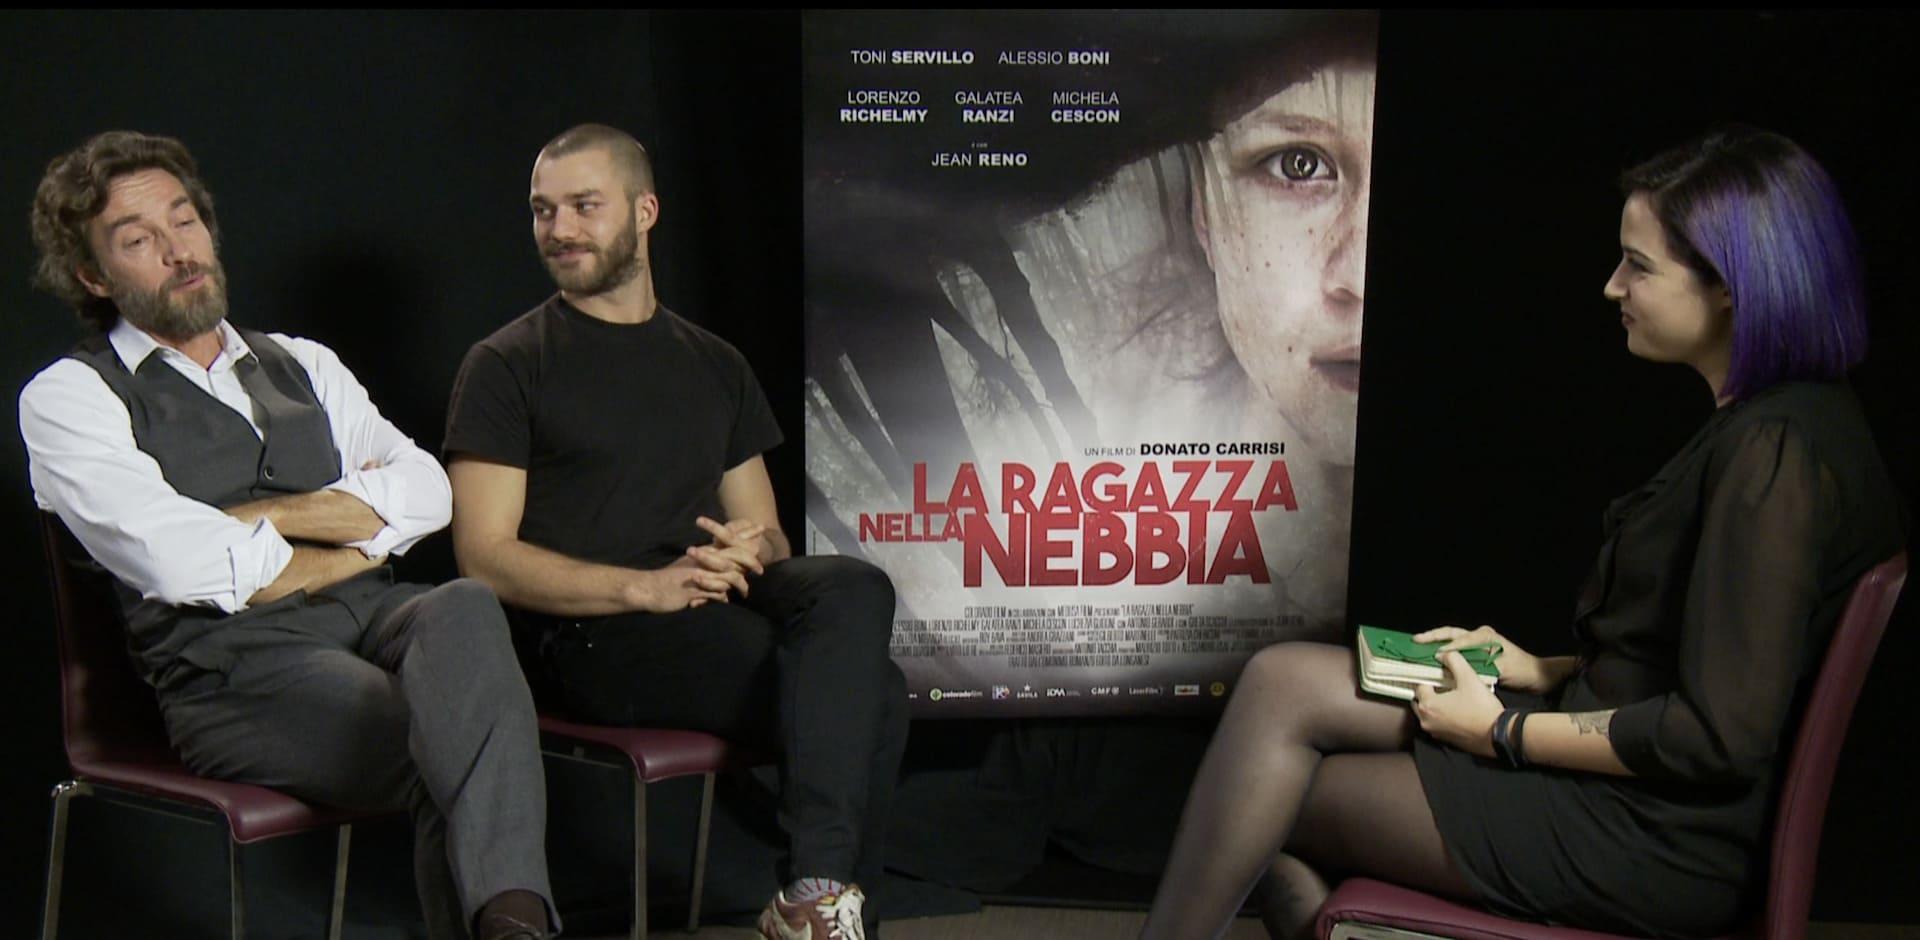 La Ragazza Nella Nebbia: video intervista ad Alessio Boni e Lorenzo Richelmy